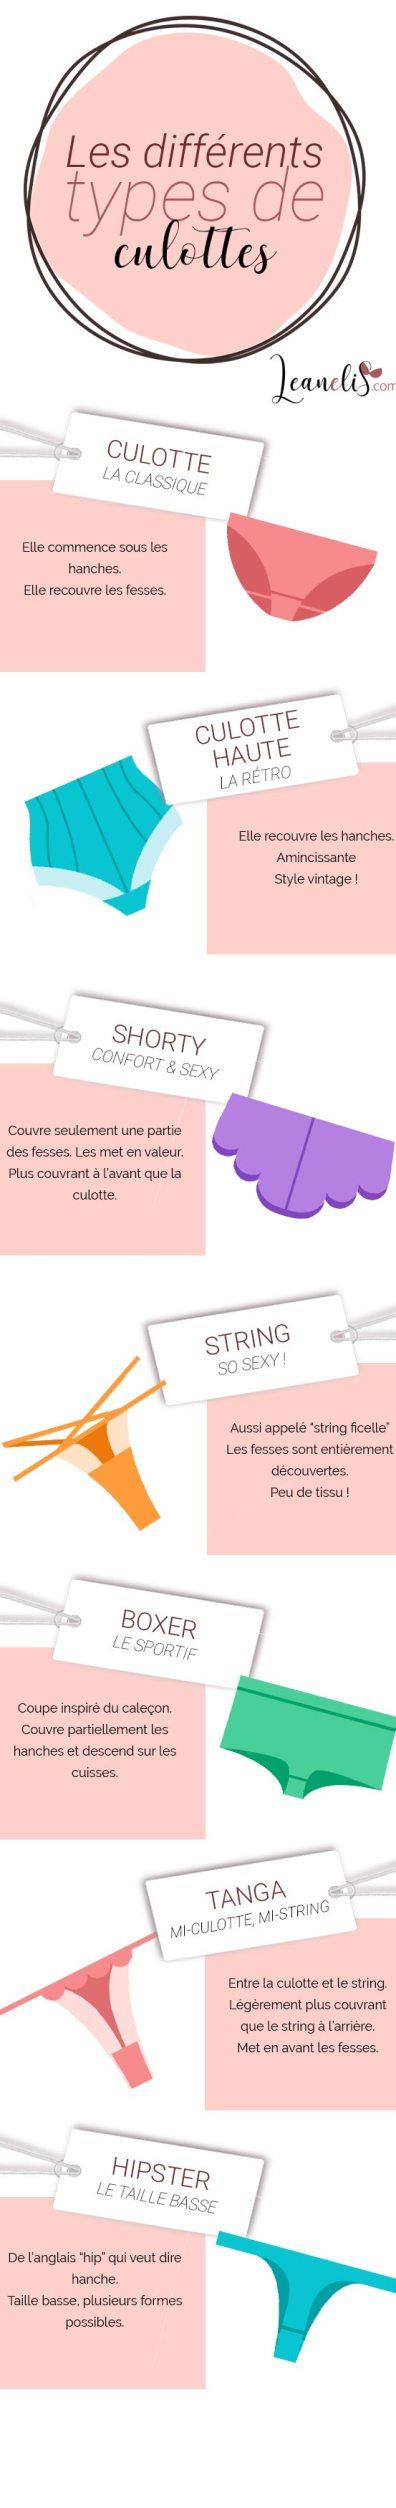 Les différents types de culotte : haute, shorty, boxer, string, tanga…